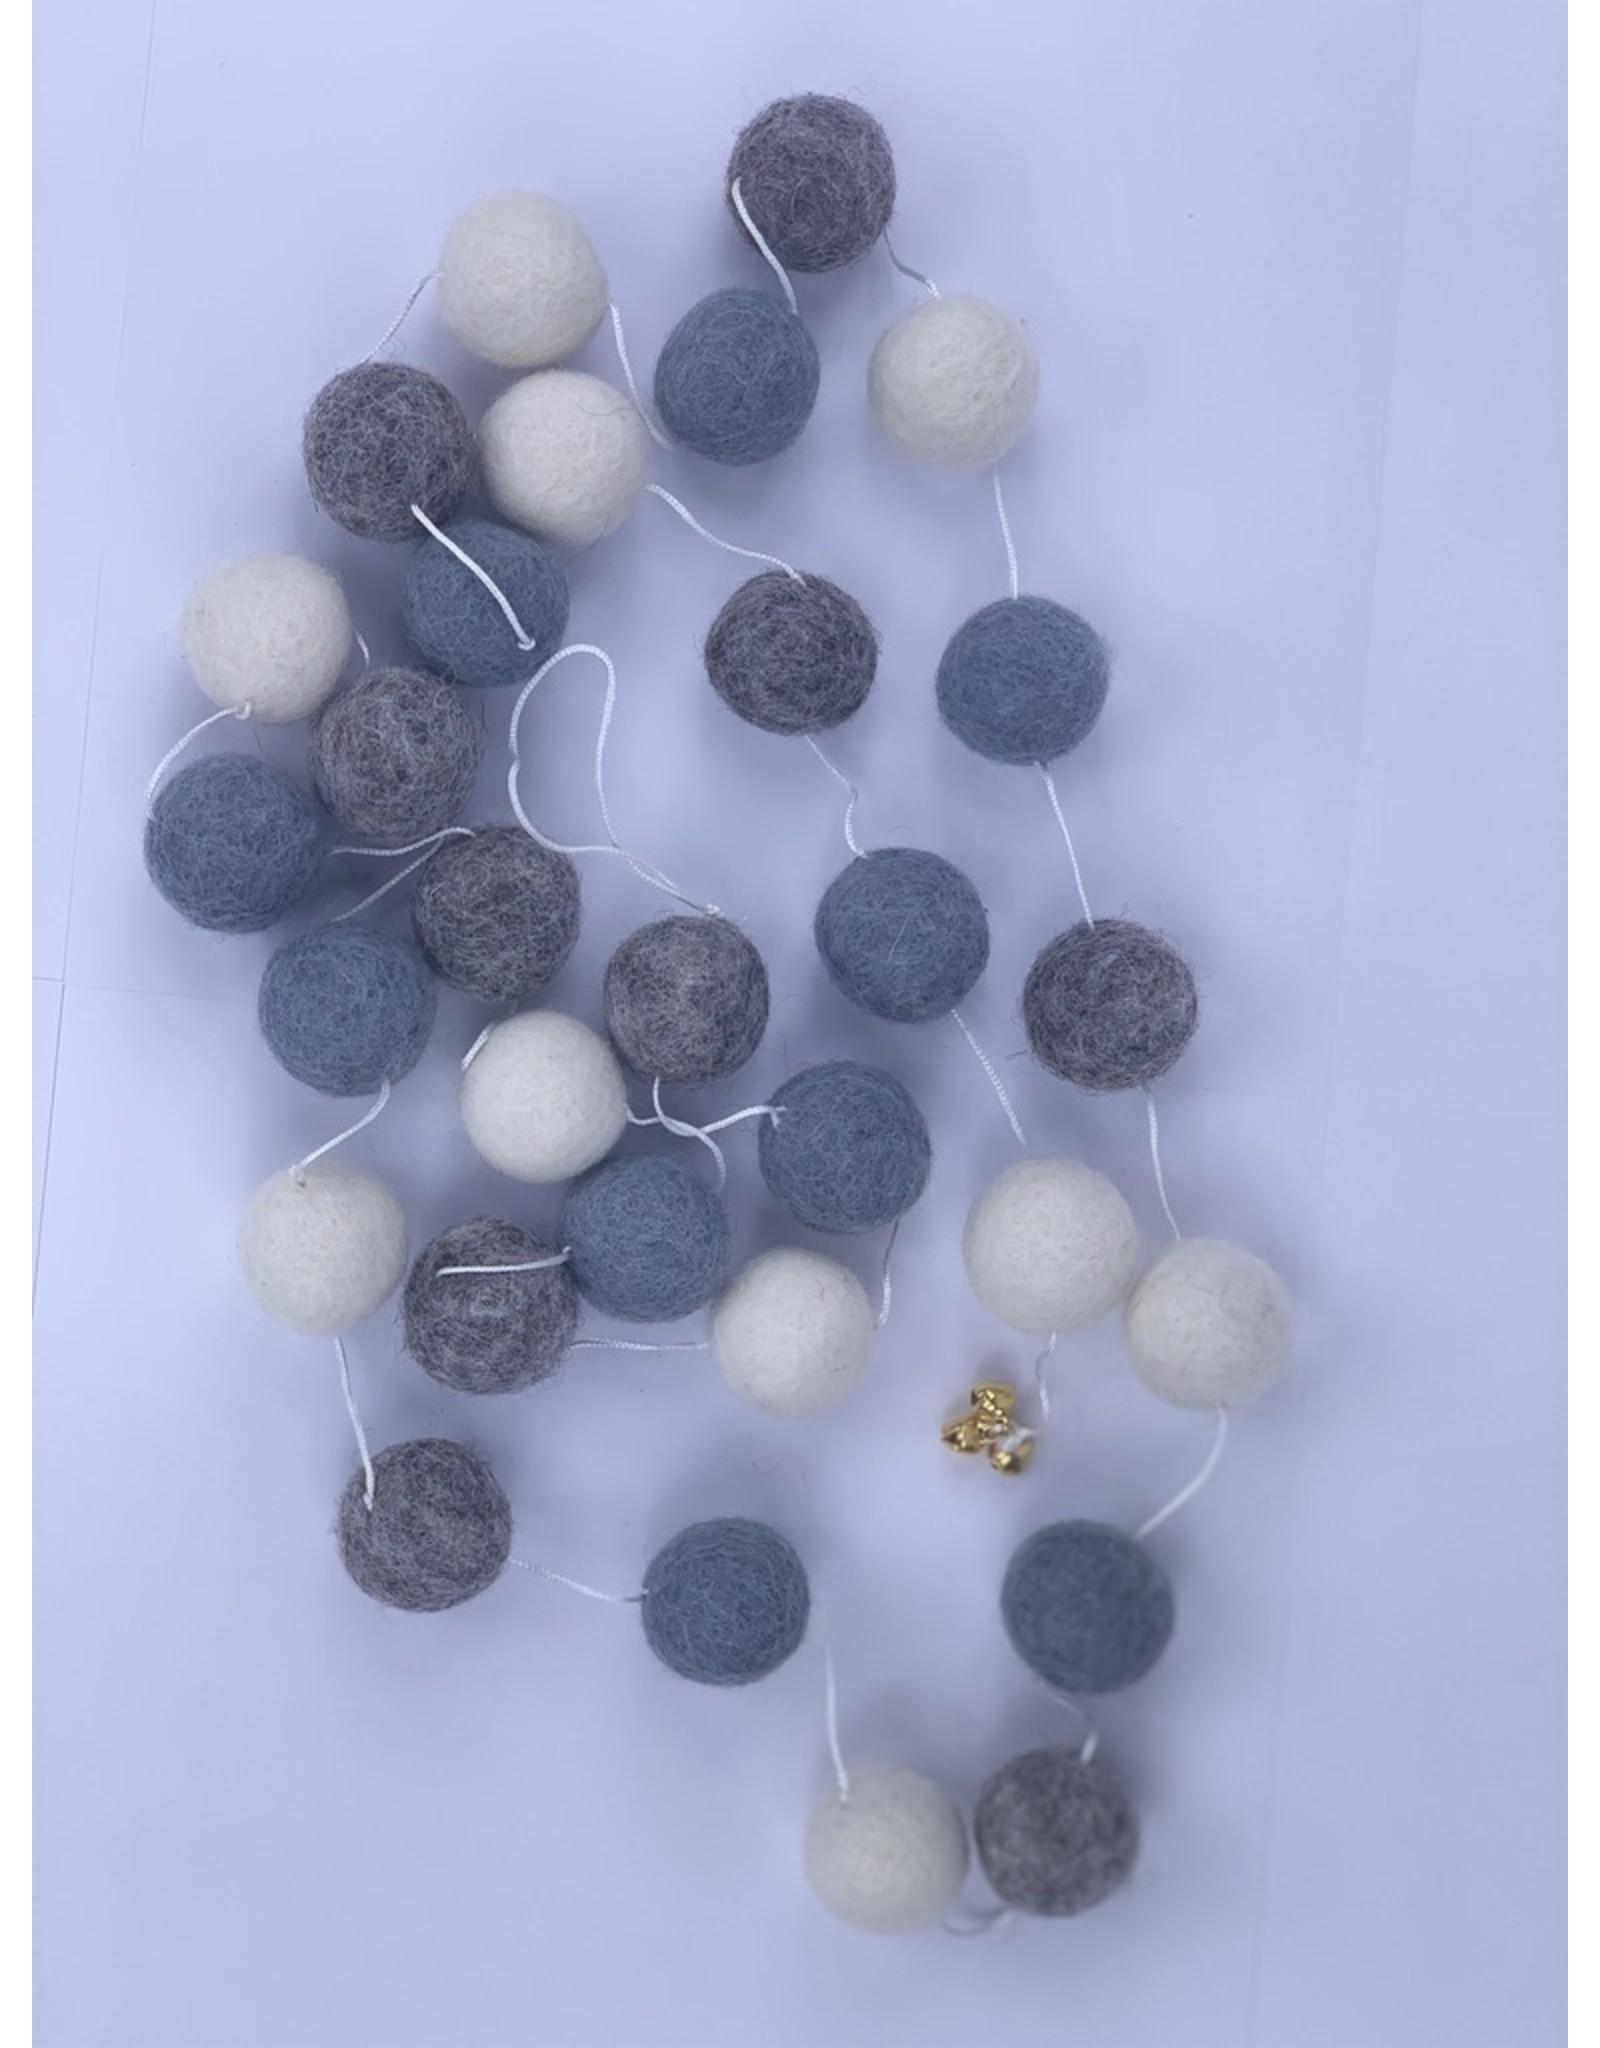 sense&purpose Filz Girlande Grey Offwhite 100% Wolle